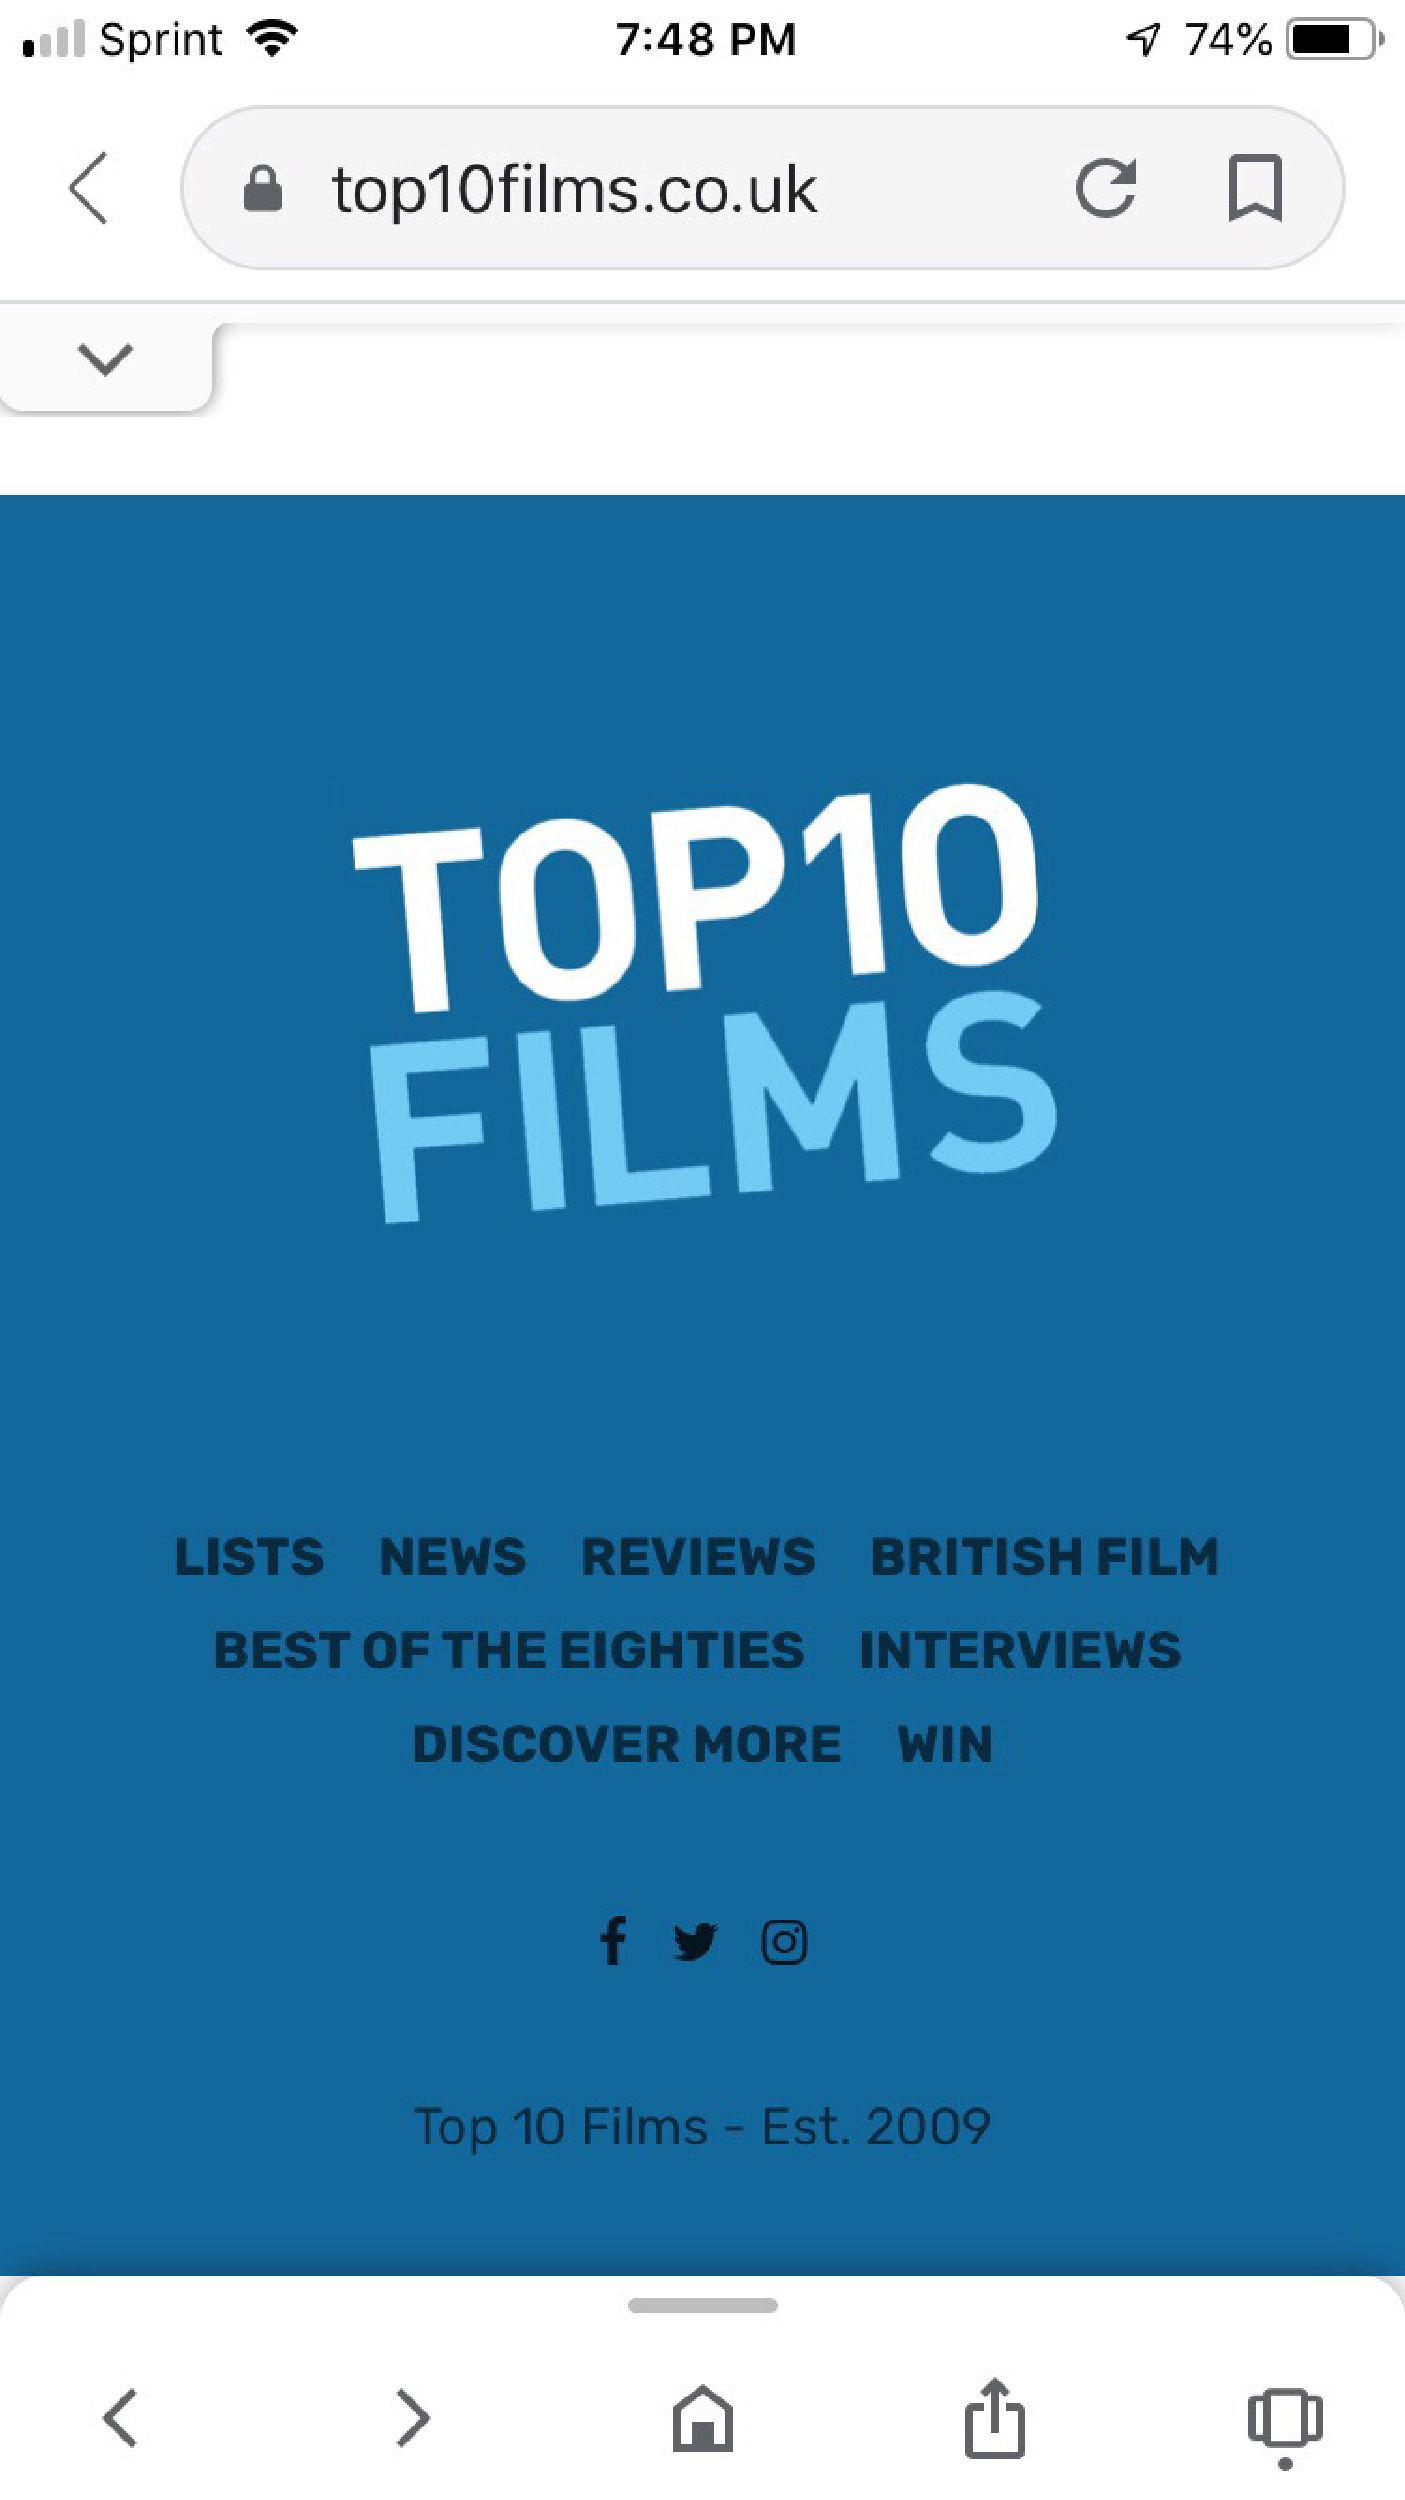 Top 10 Films website